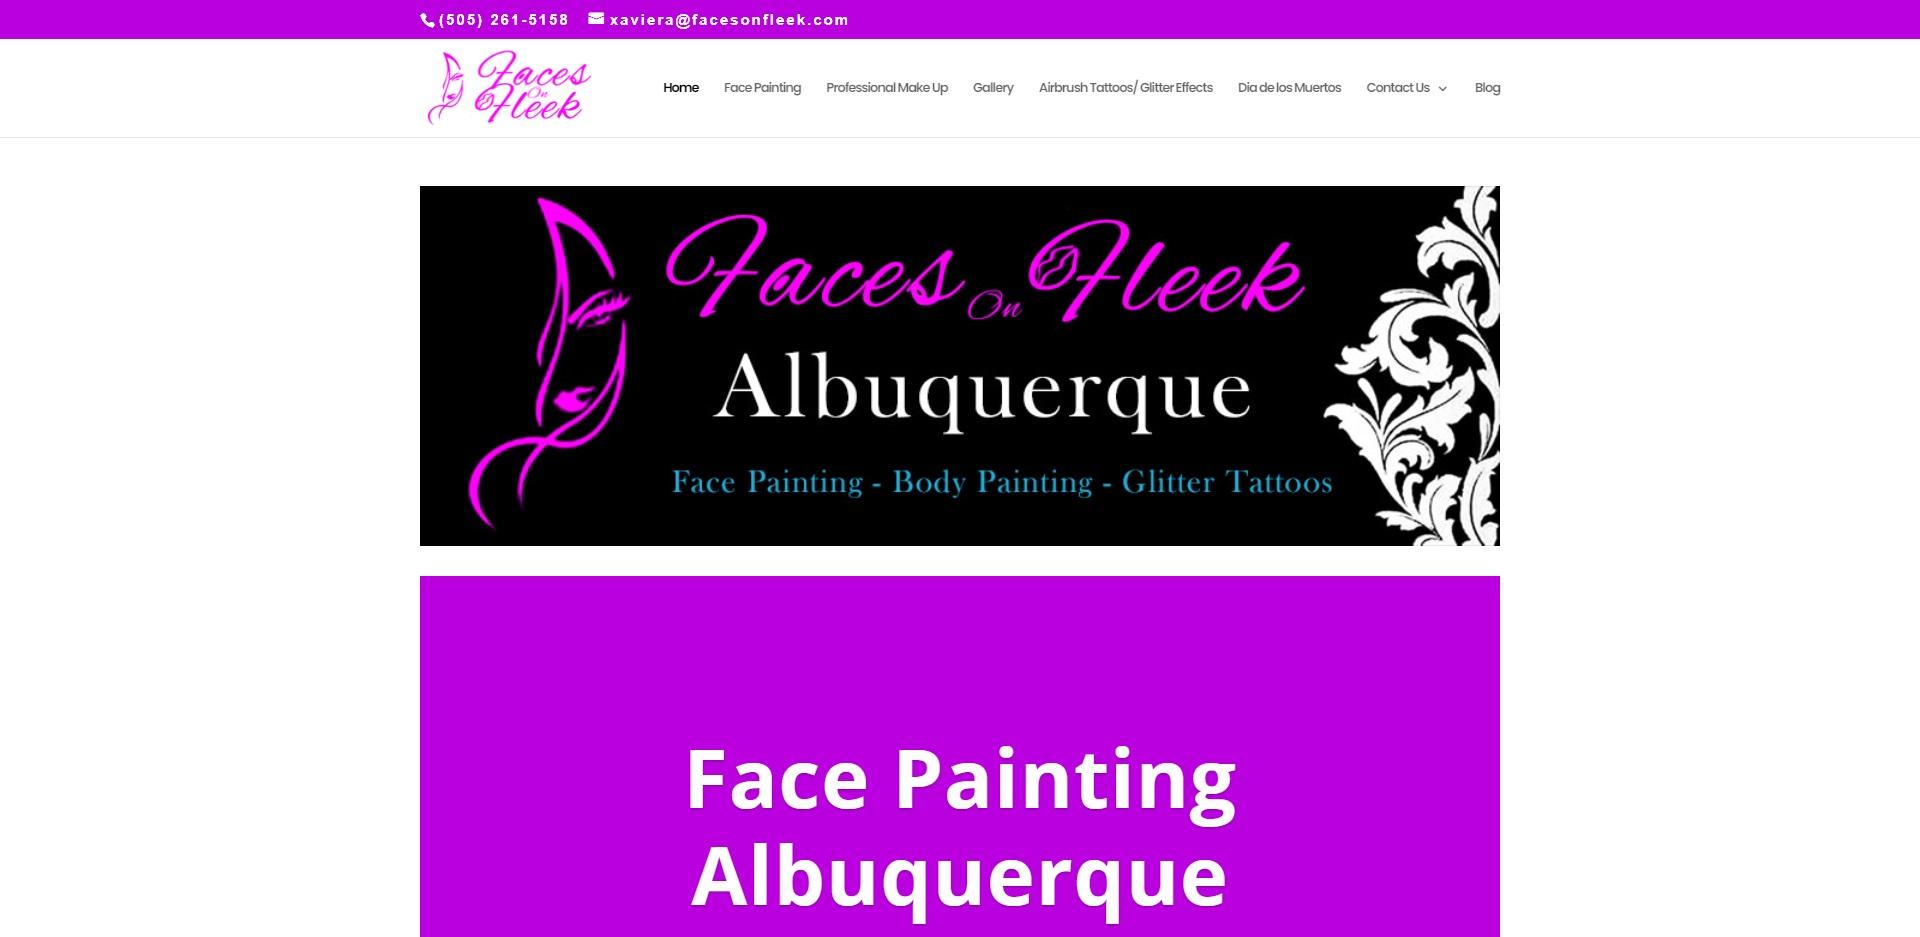 5 Best Face Painting in Albuquerque, NM